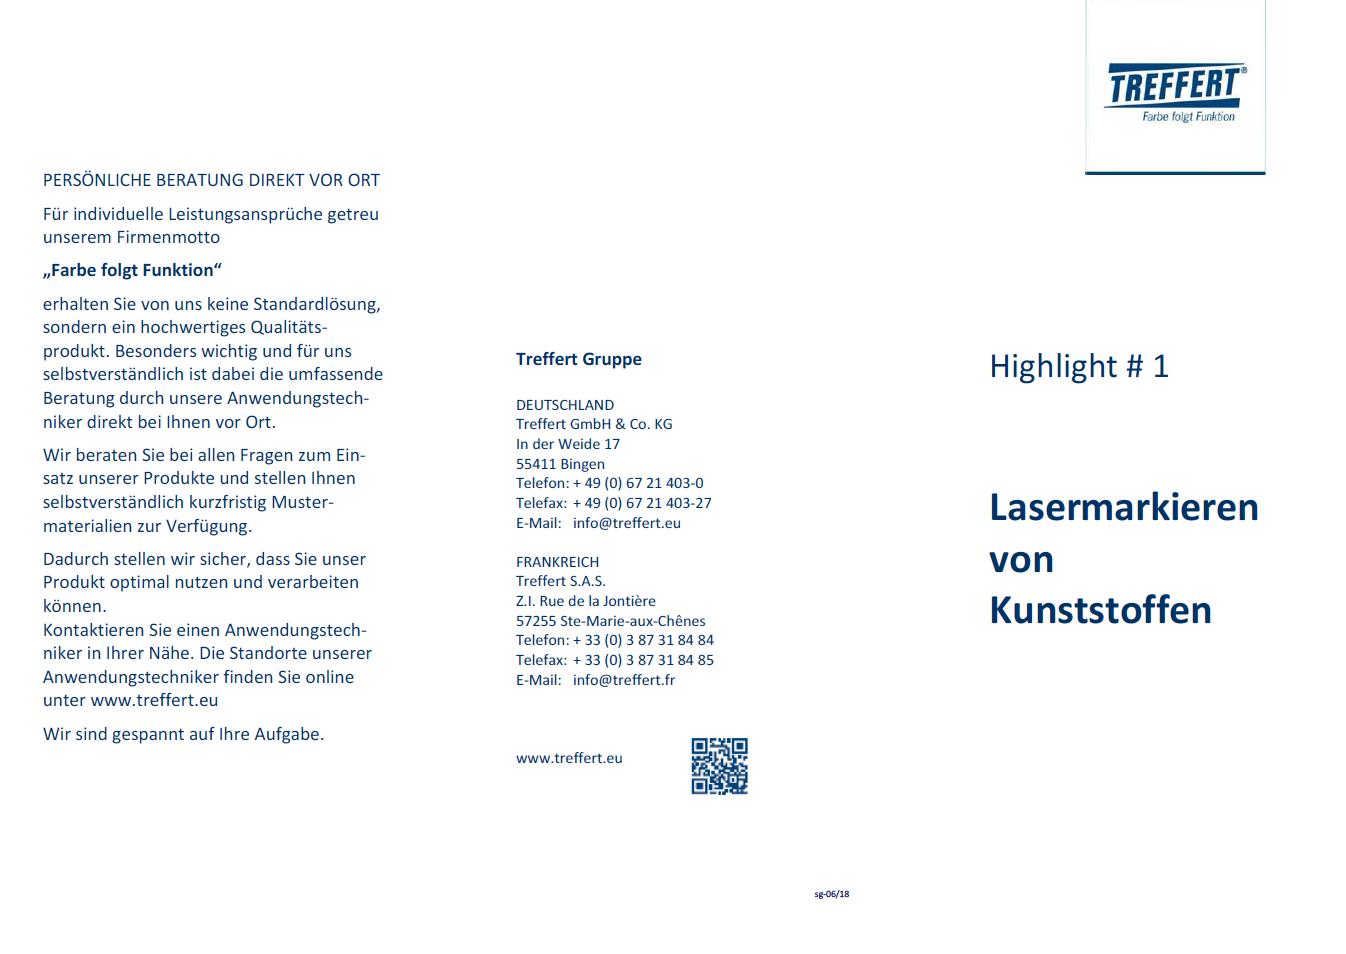 Broschüre Lasermarkieren von Kunststoffen von Treffert